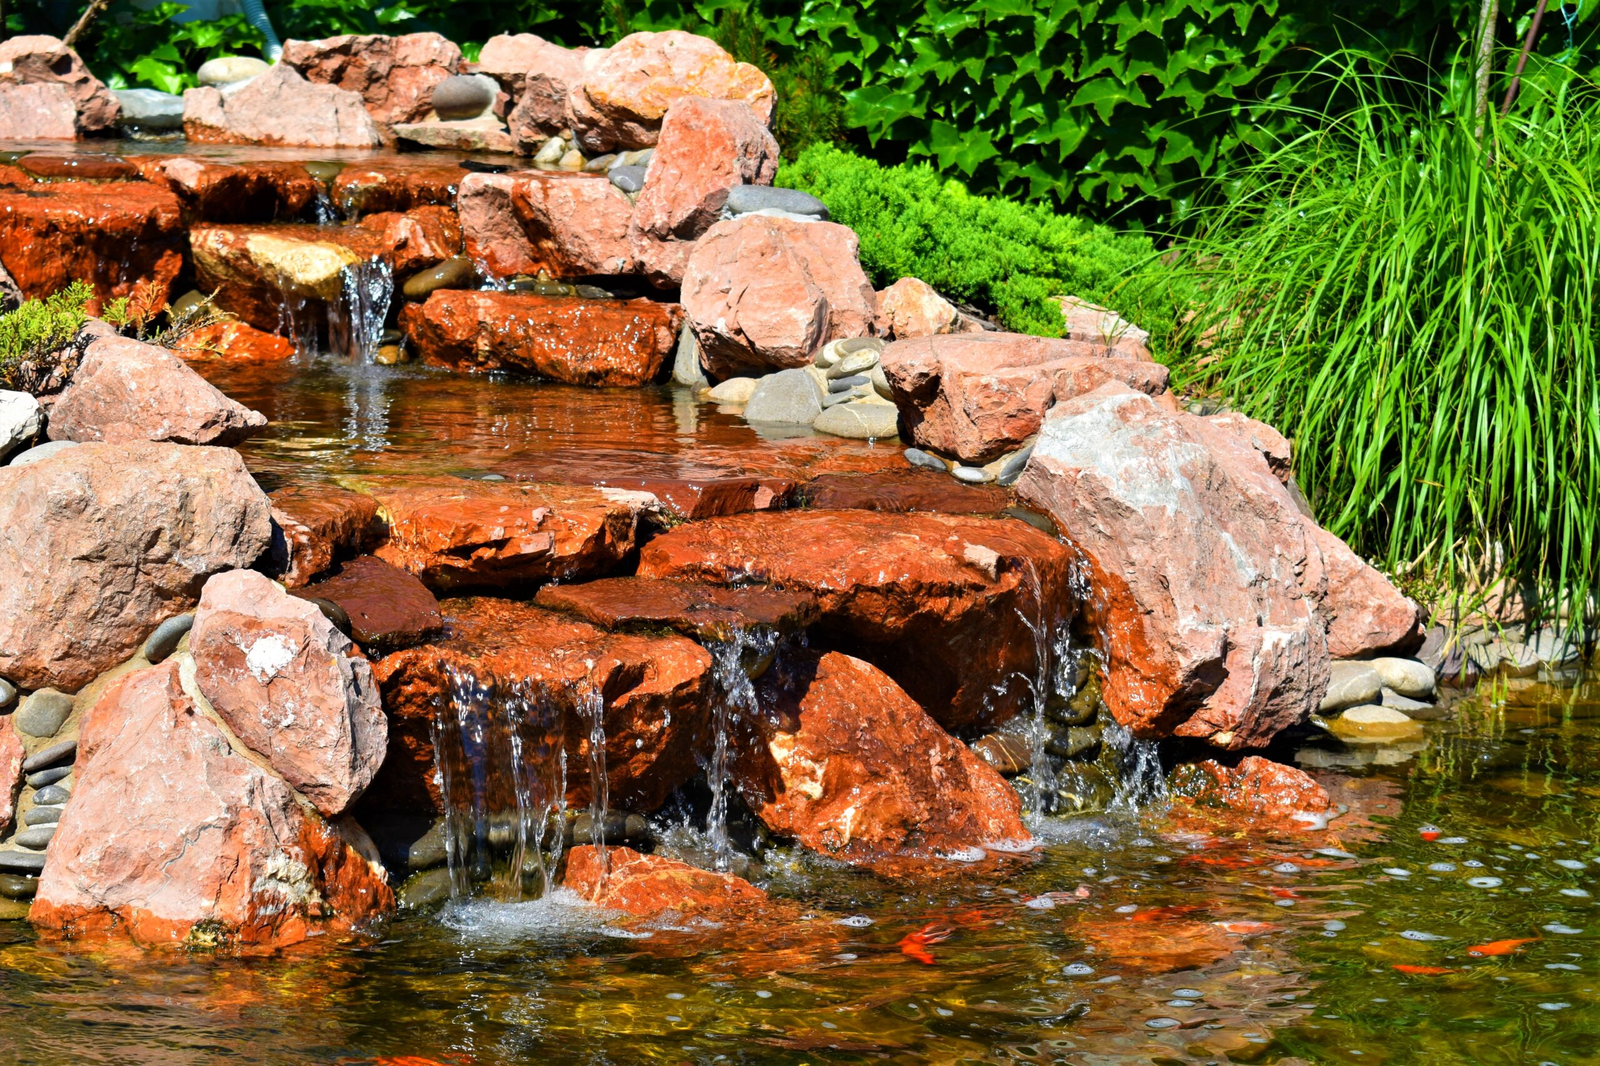 Декоративный водопад в Киеве, создания декоративного водопада в Киеве, строительство декоративного водопада в Киеве